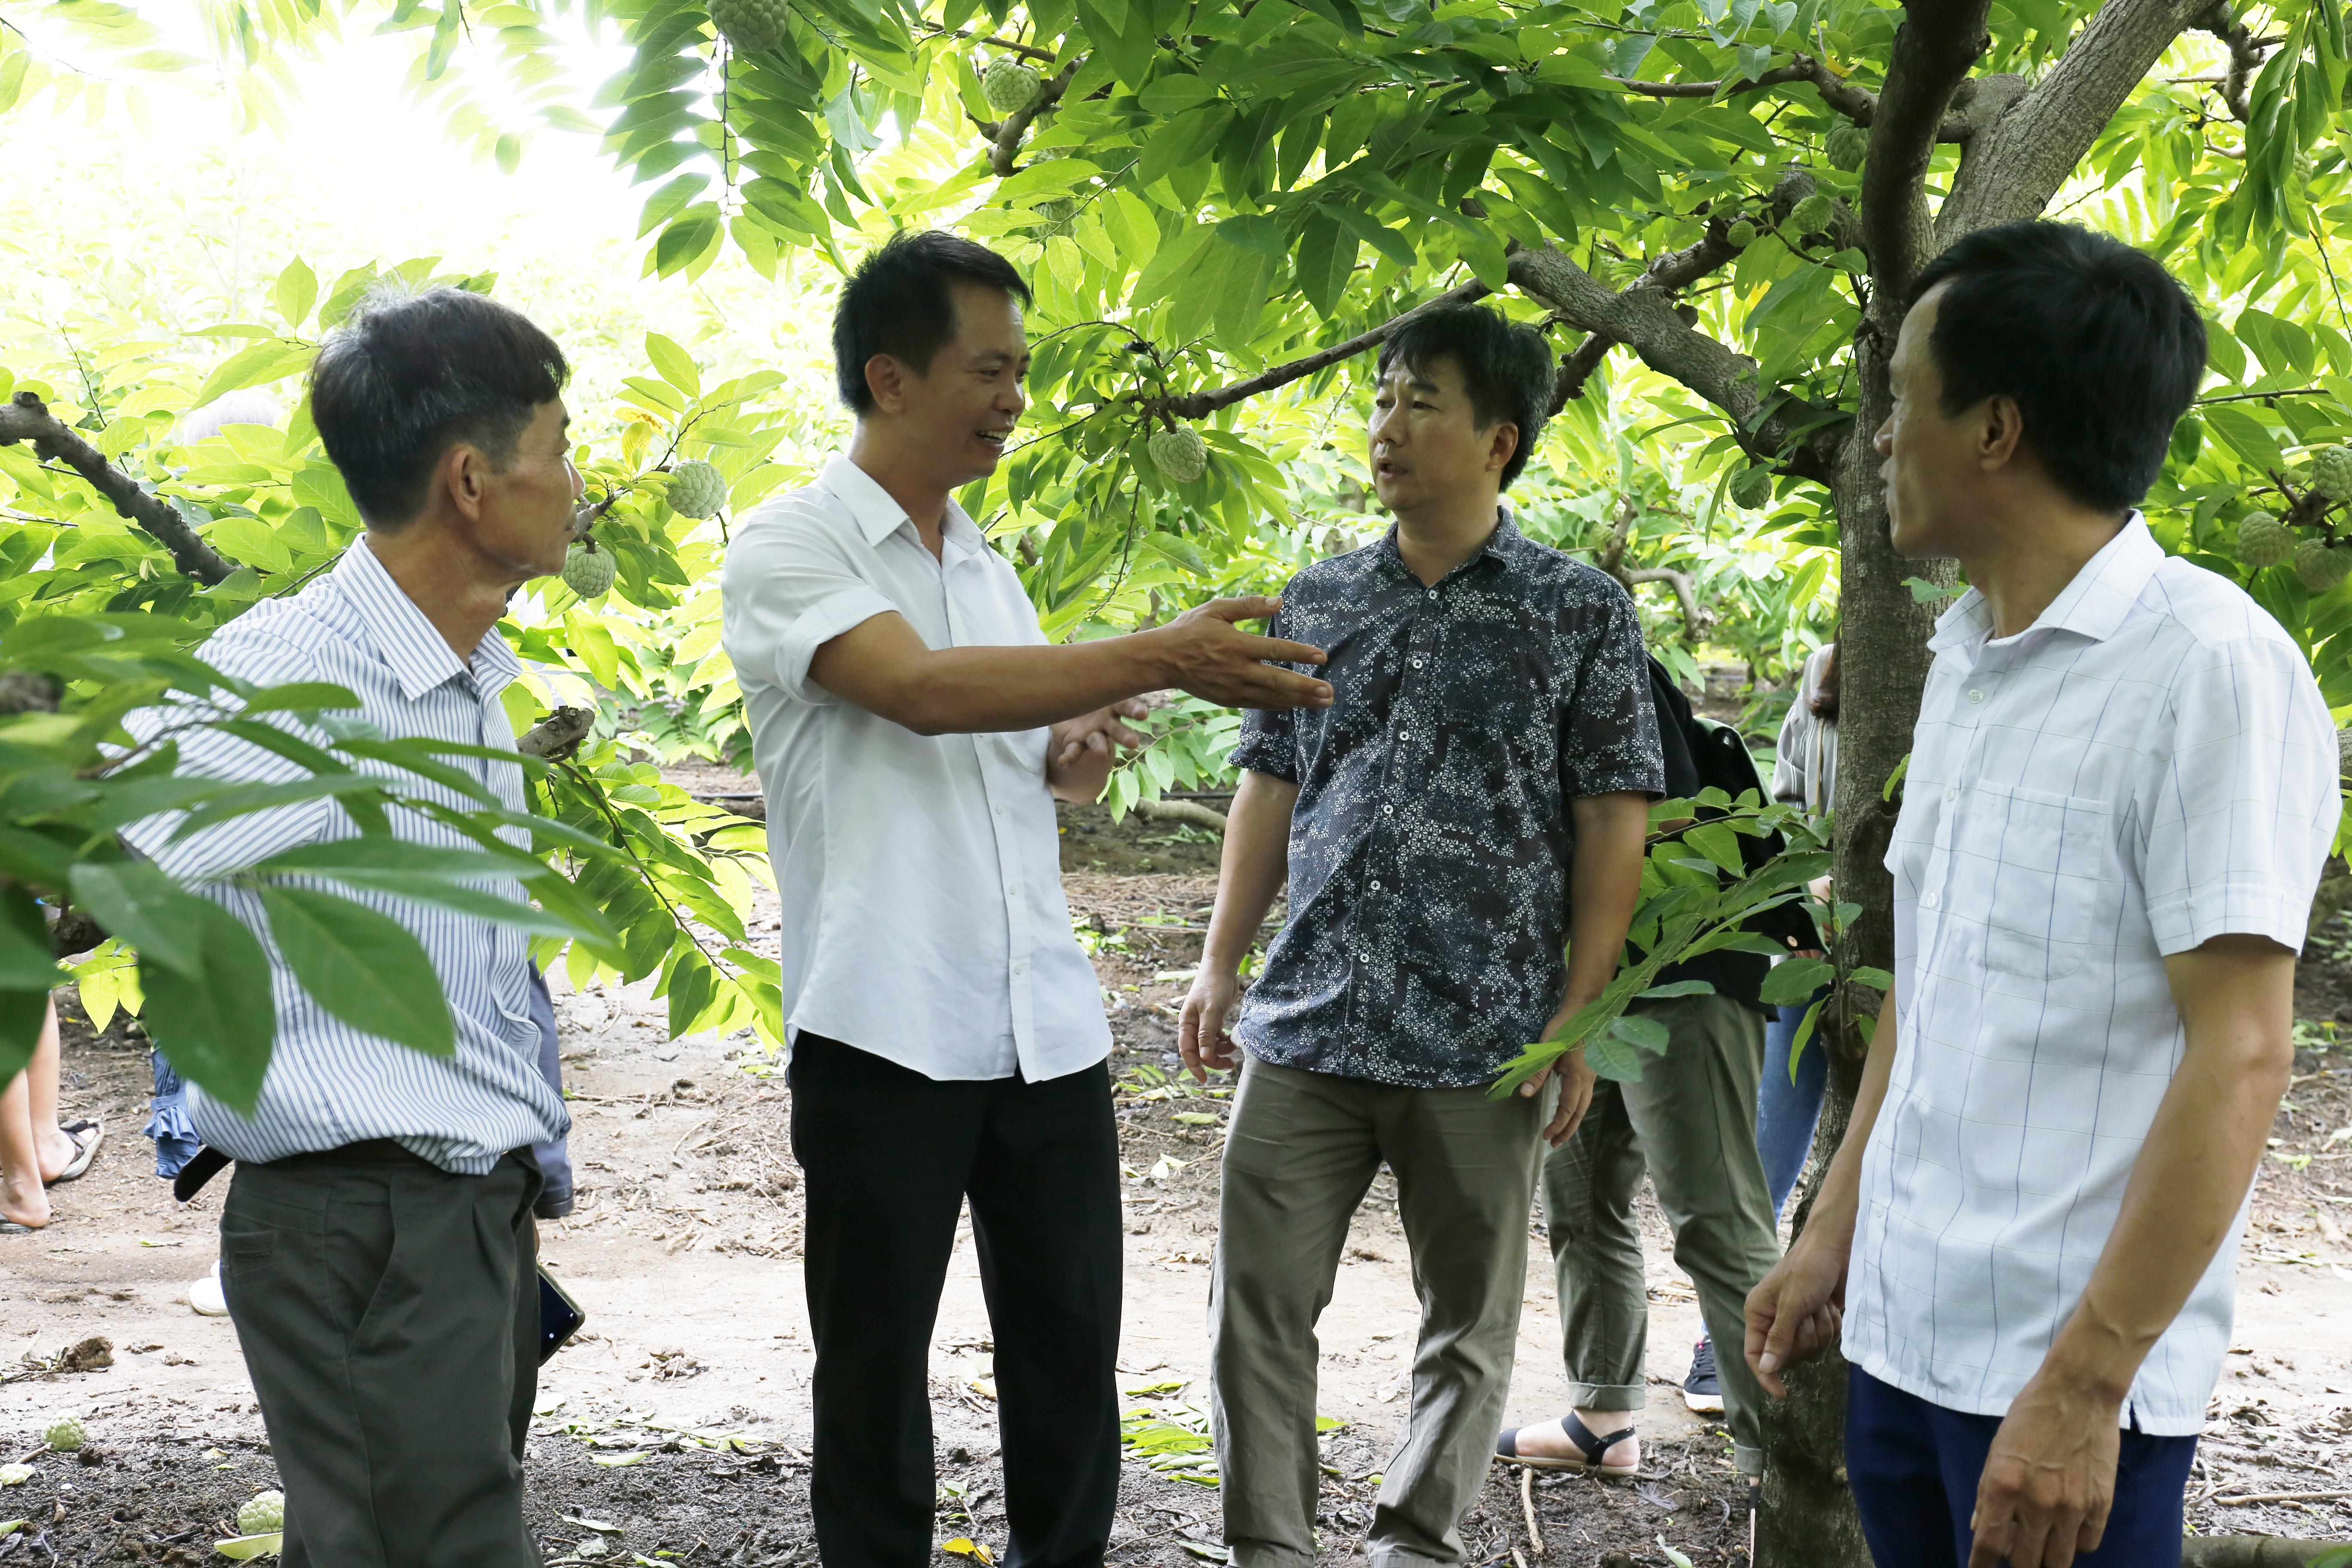 Sở KH&CN Sơn La đã hướng dẫn quy trình kiểm soát chất lượng nội bộ nhãn hiệu na Mai Sơn ở hợp tác xã Mé Lếch, xã Cò Nòi, huyện Mai Sơn– một trong những nơi đang sử dụng nhãn hiệu chứng nhận này.